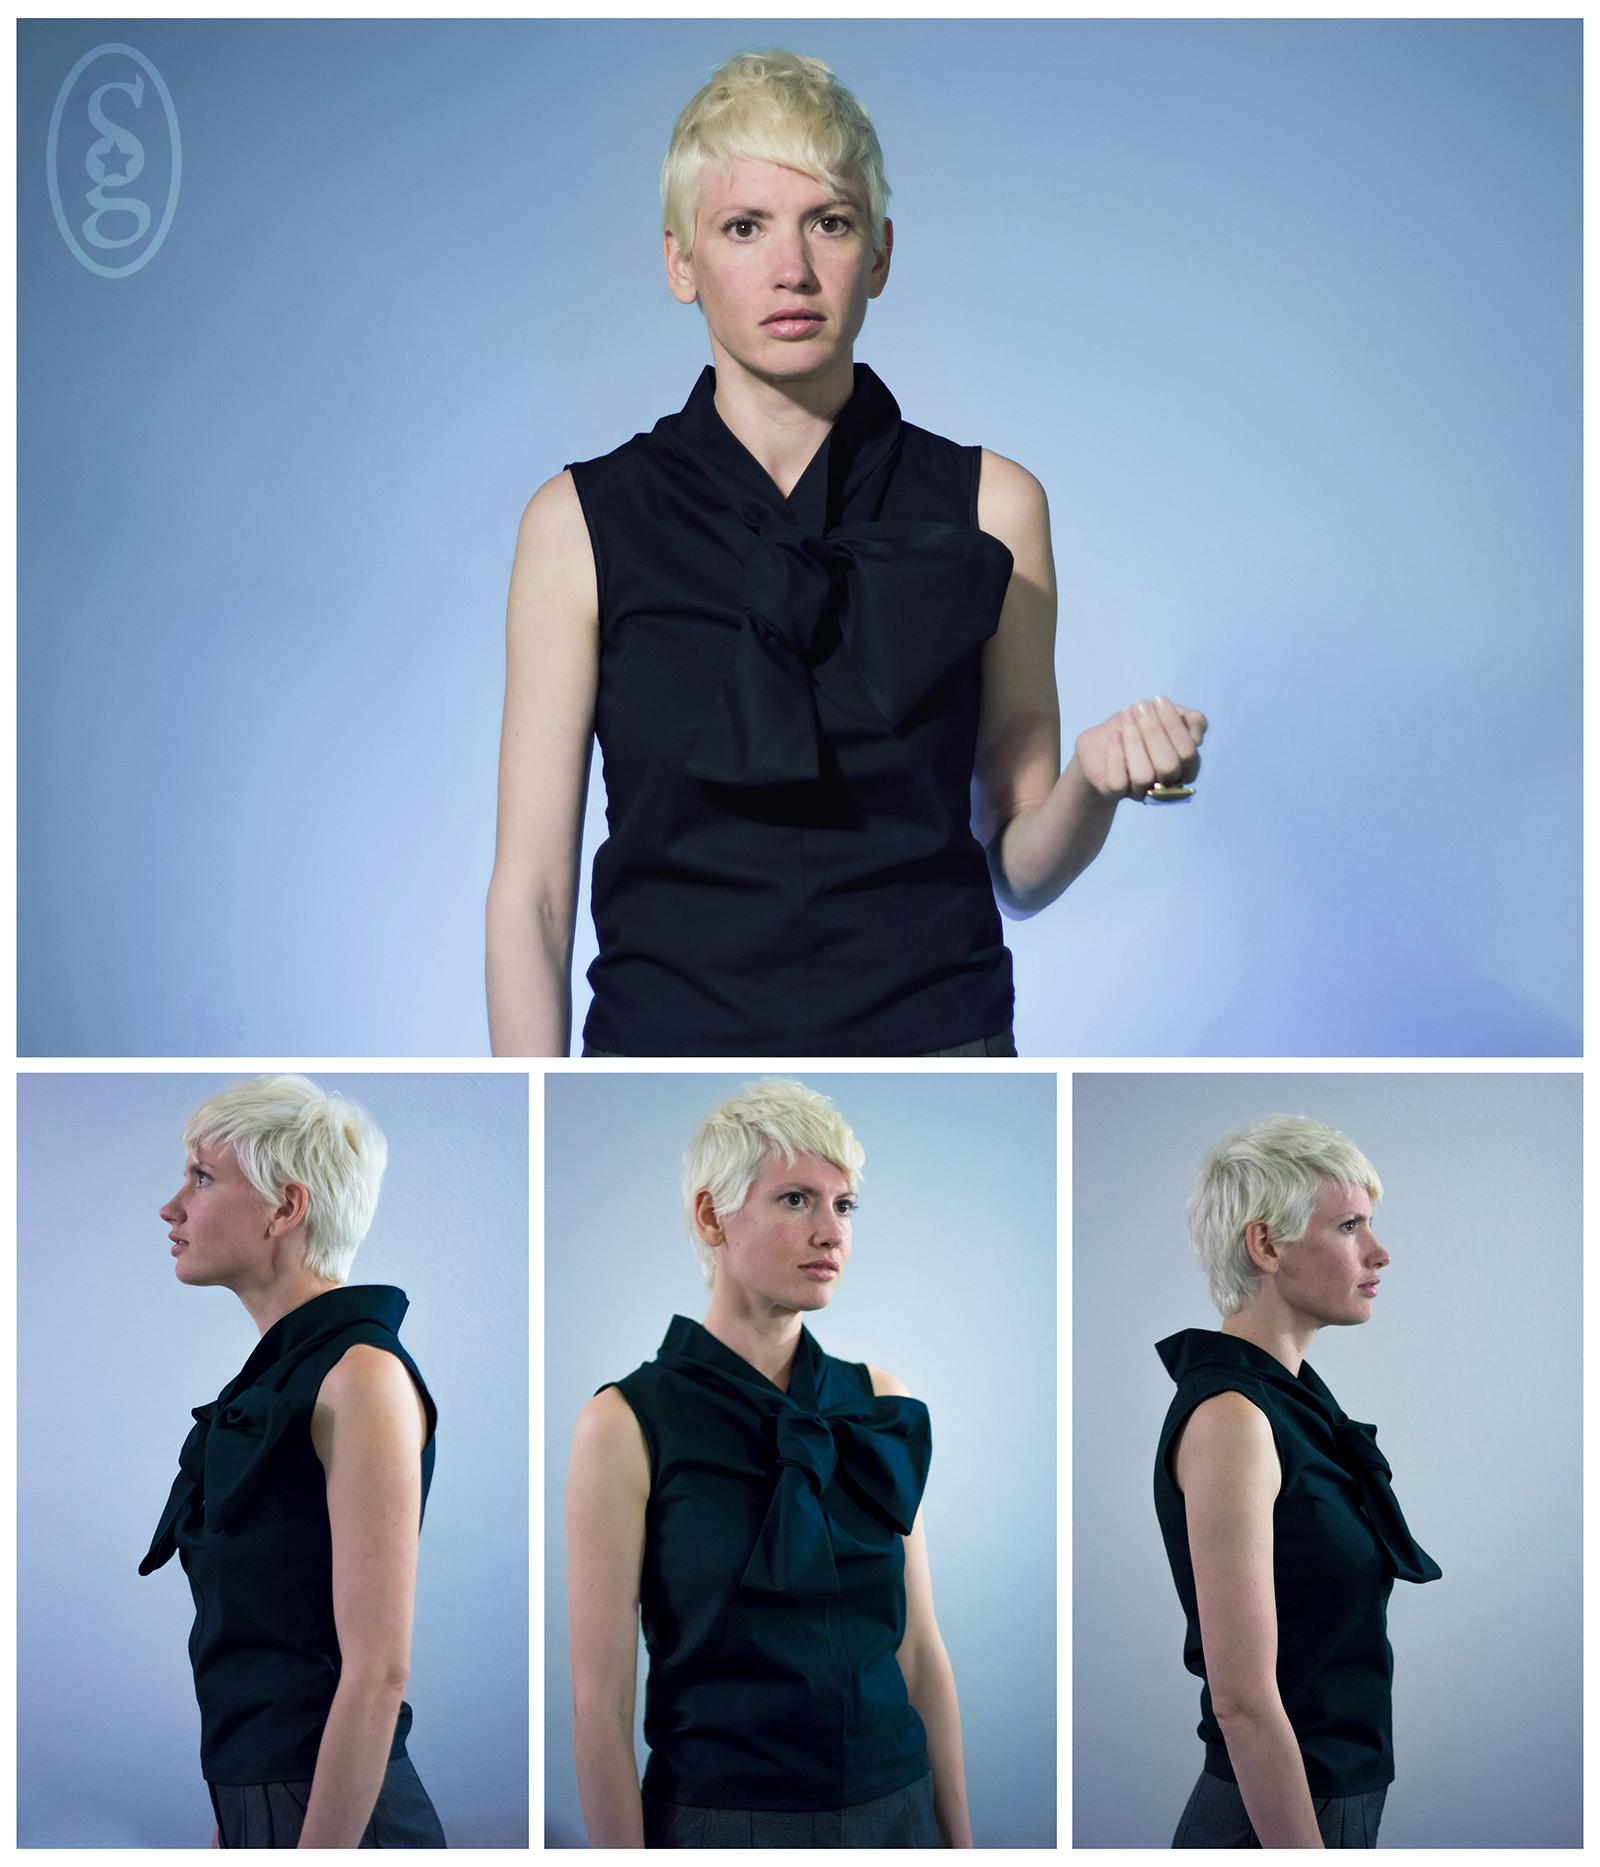 Priscilla firstenberg bowshirt